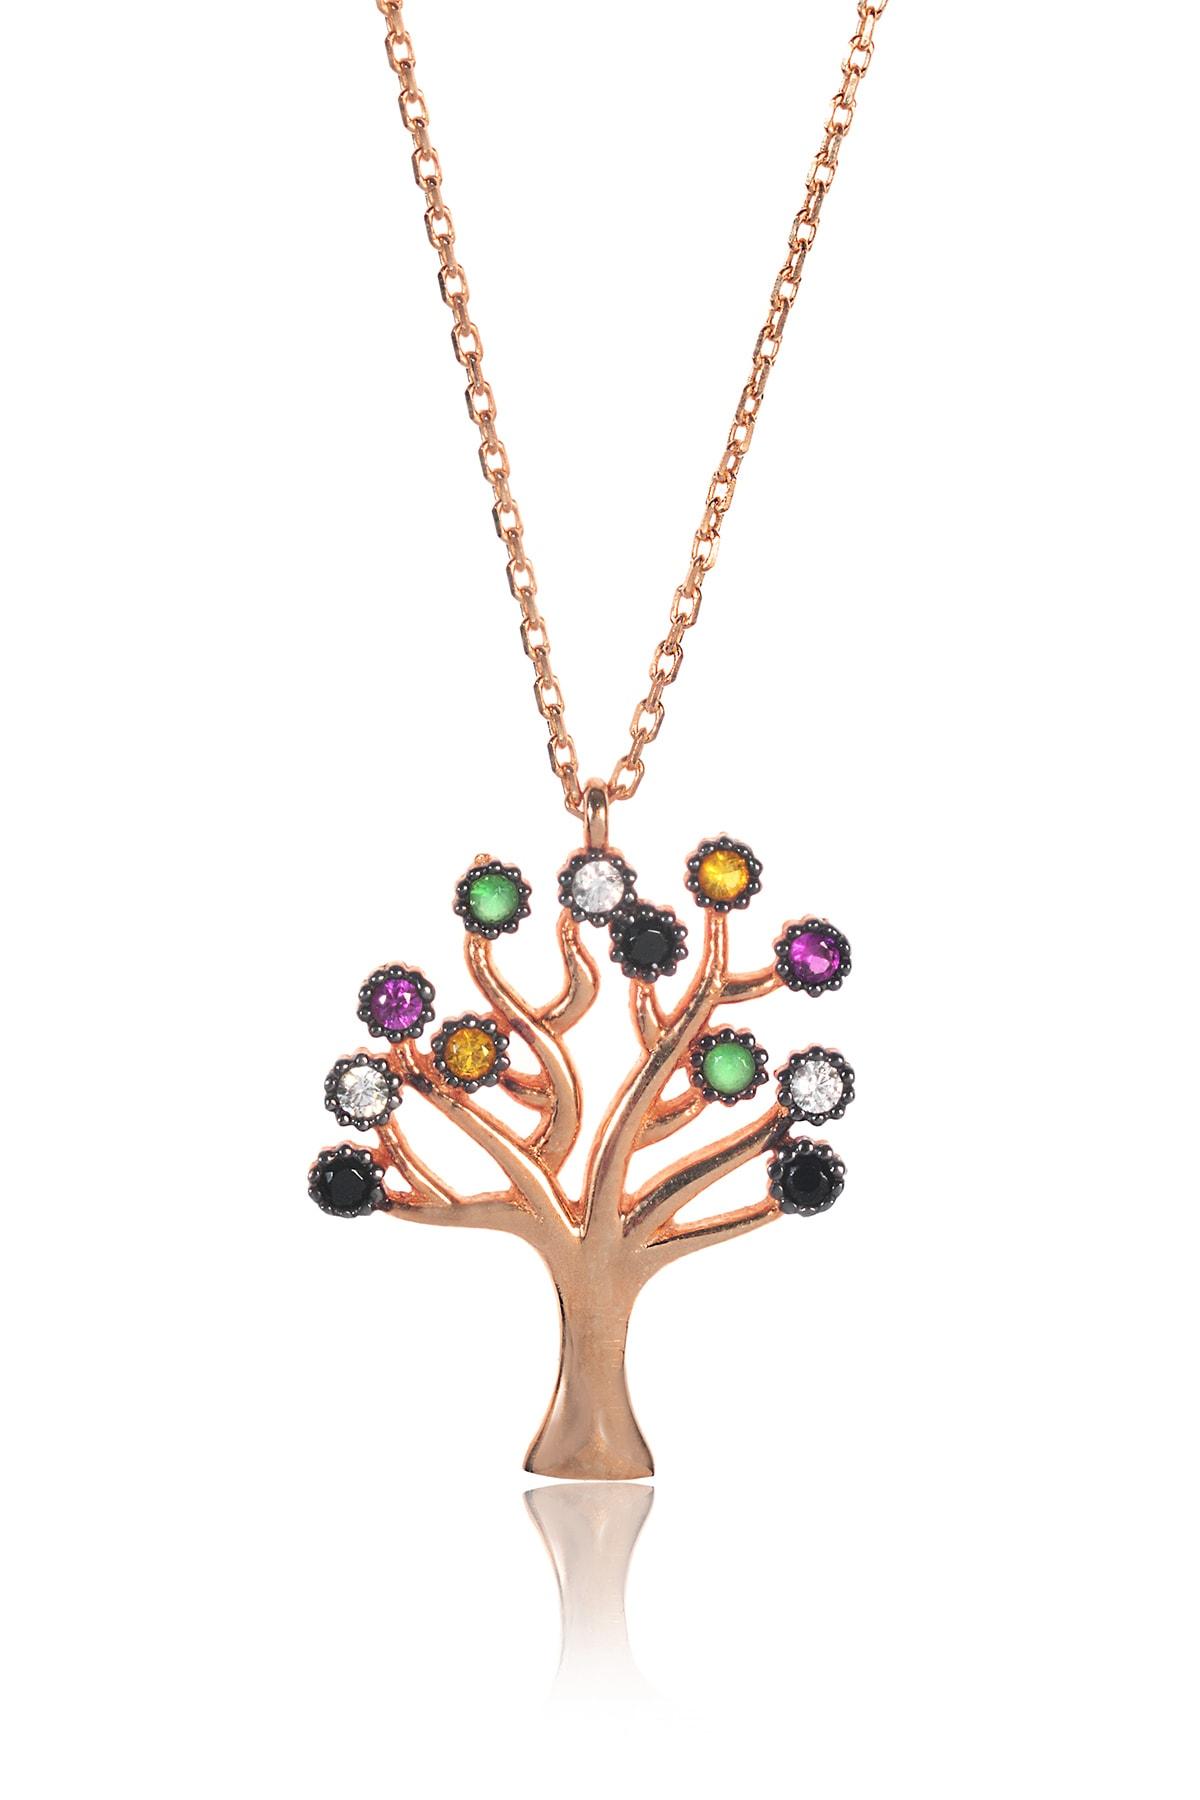 BY BARUN Kadın 925 Ayar Gümüş  Hayat Ağacı Kolye - Rose Kl-0133